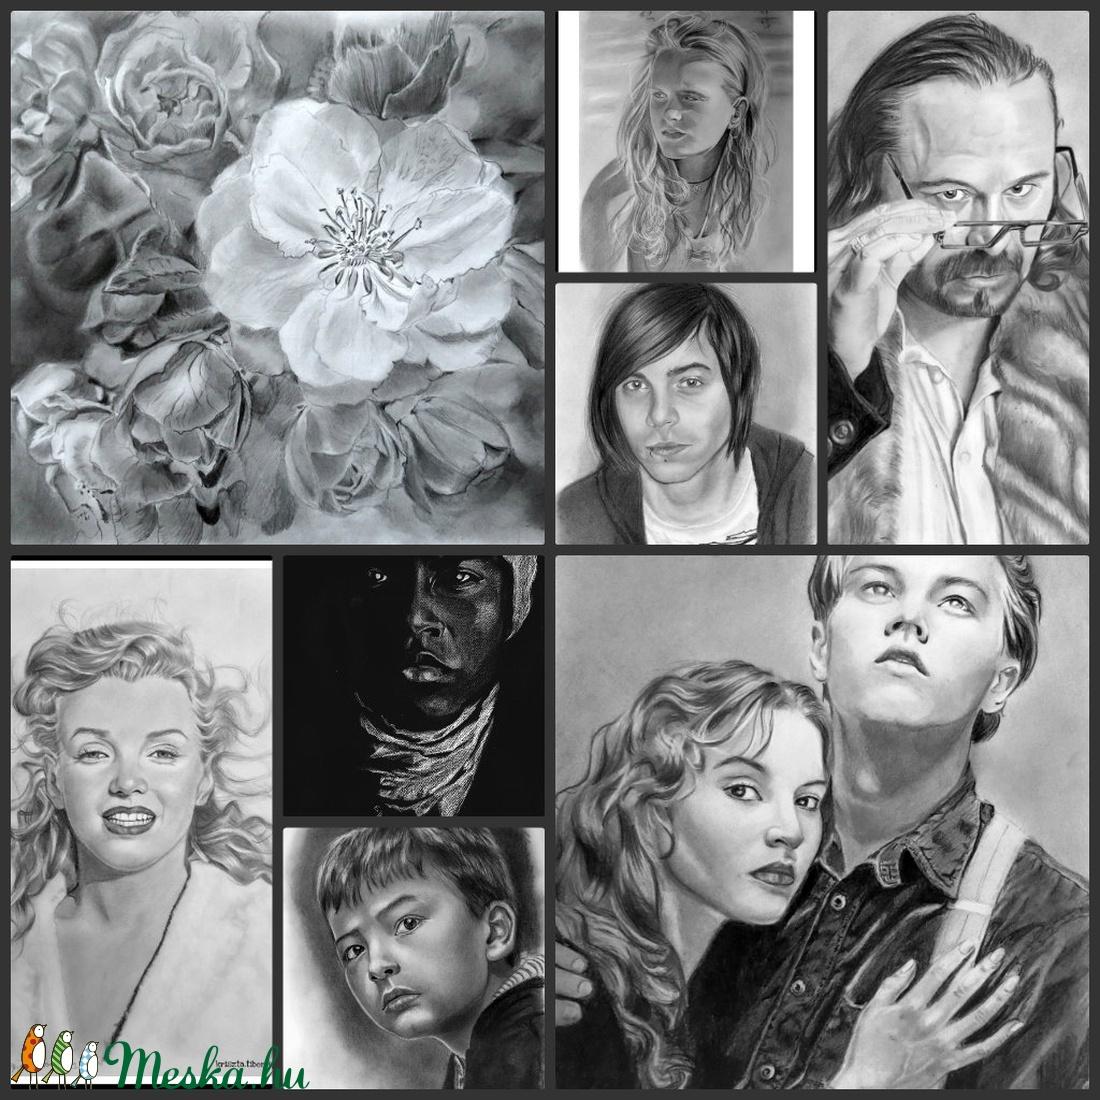 portrérajz, ceruzarajz, grafitrajz megrendelésre, évfordulóra, születésnapra egyéb alkalmakra (Krisztib18) - Meska.hu